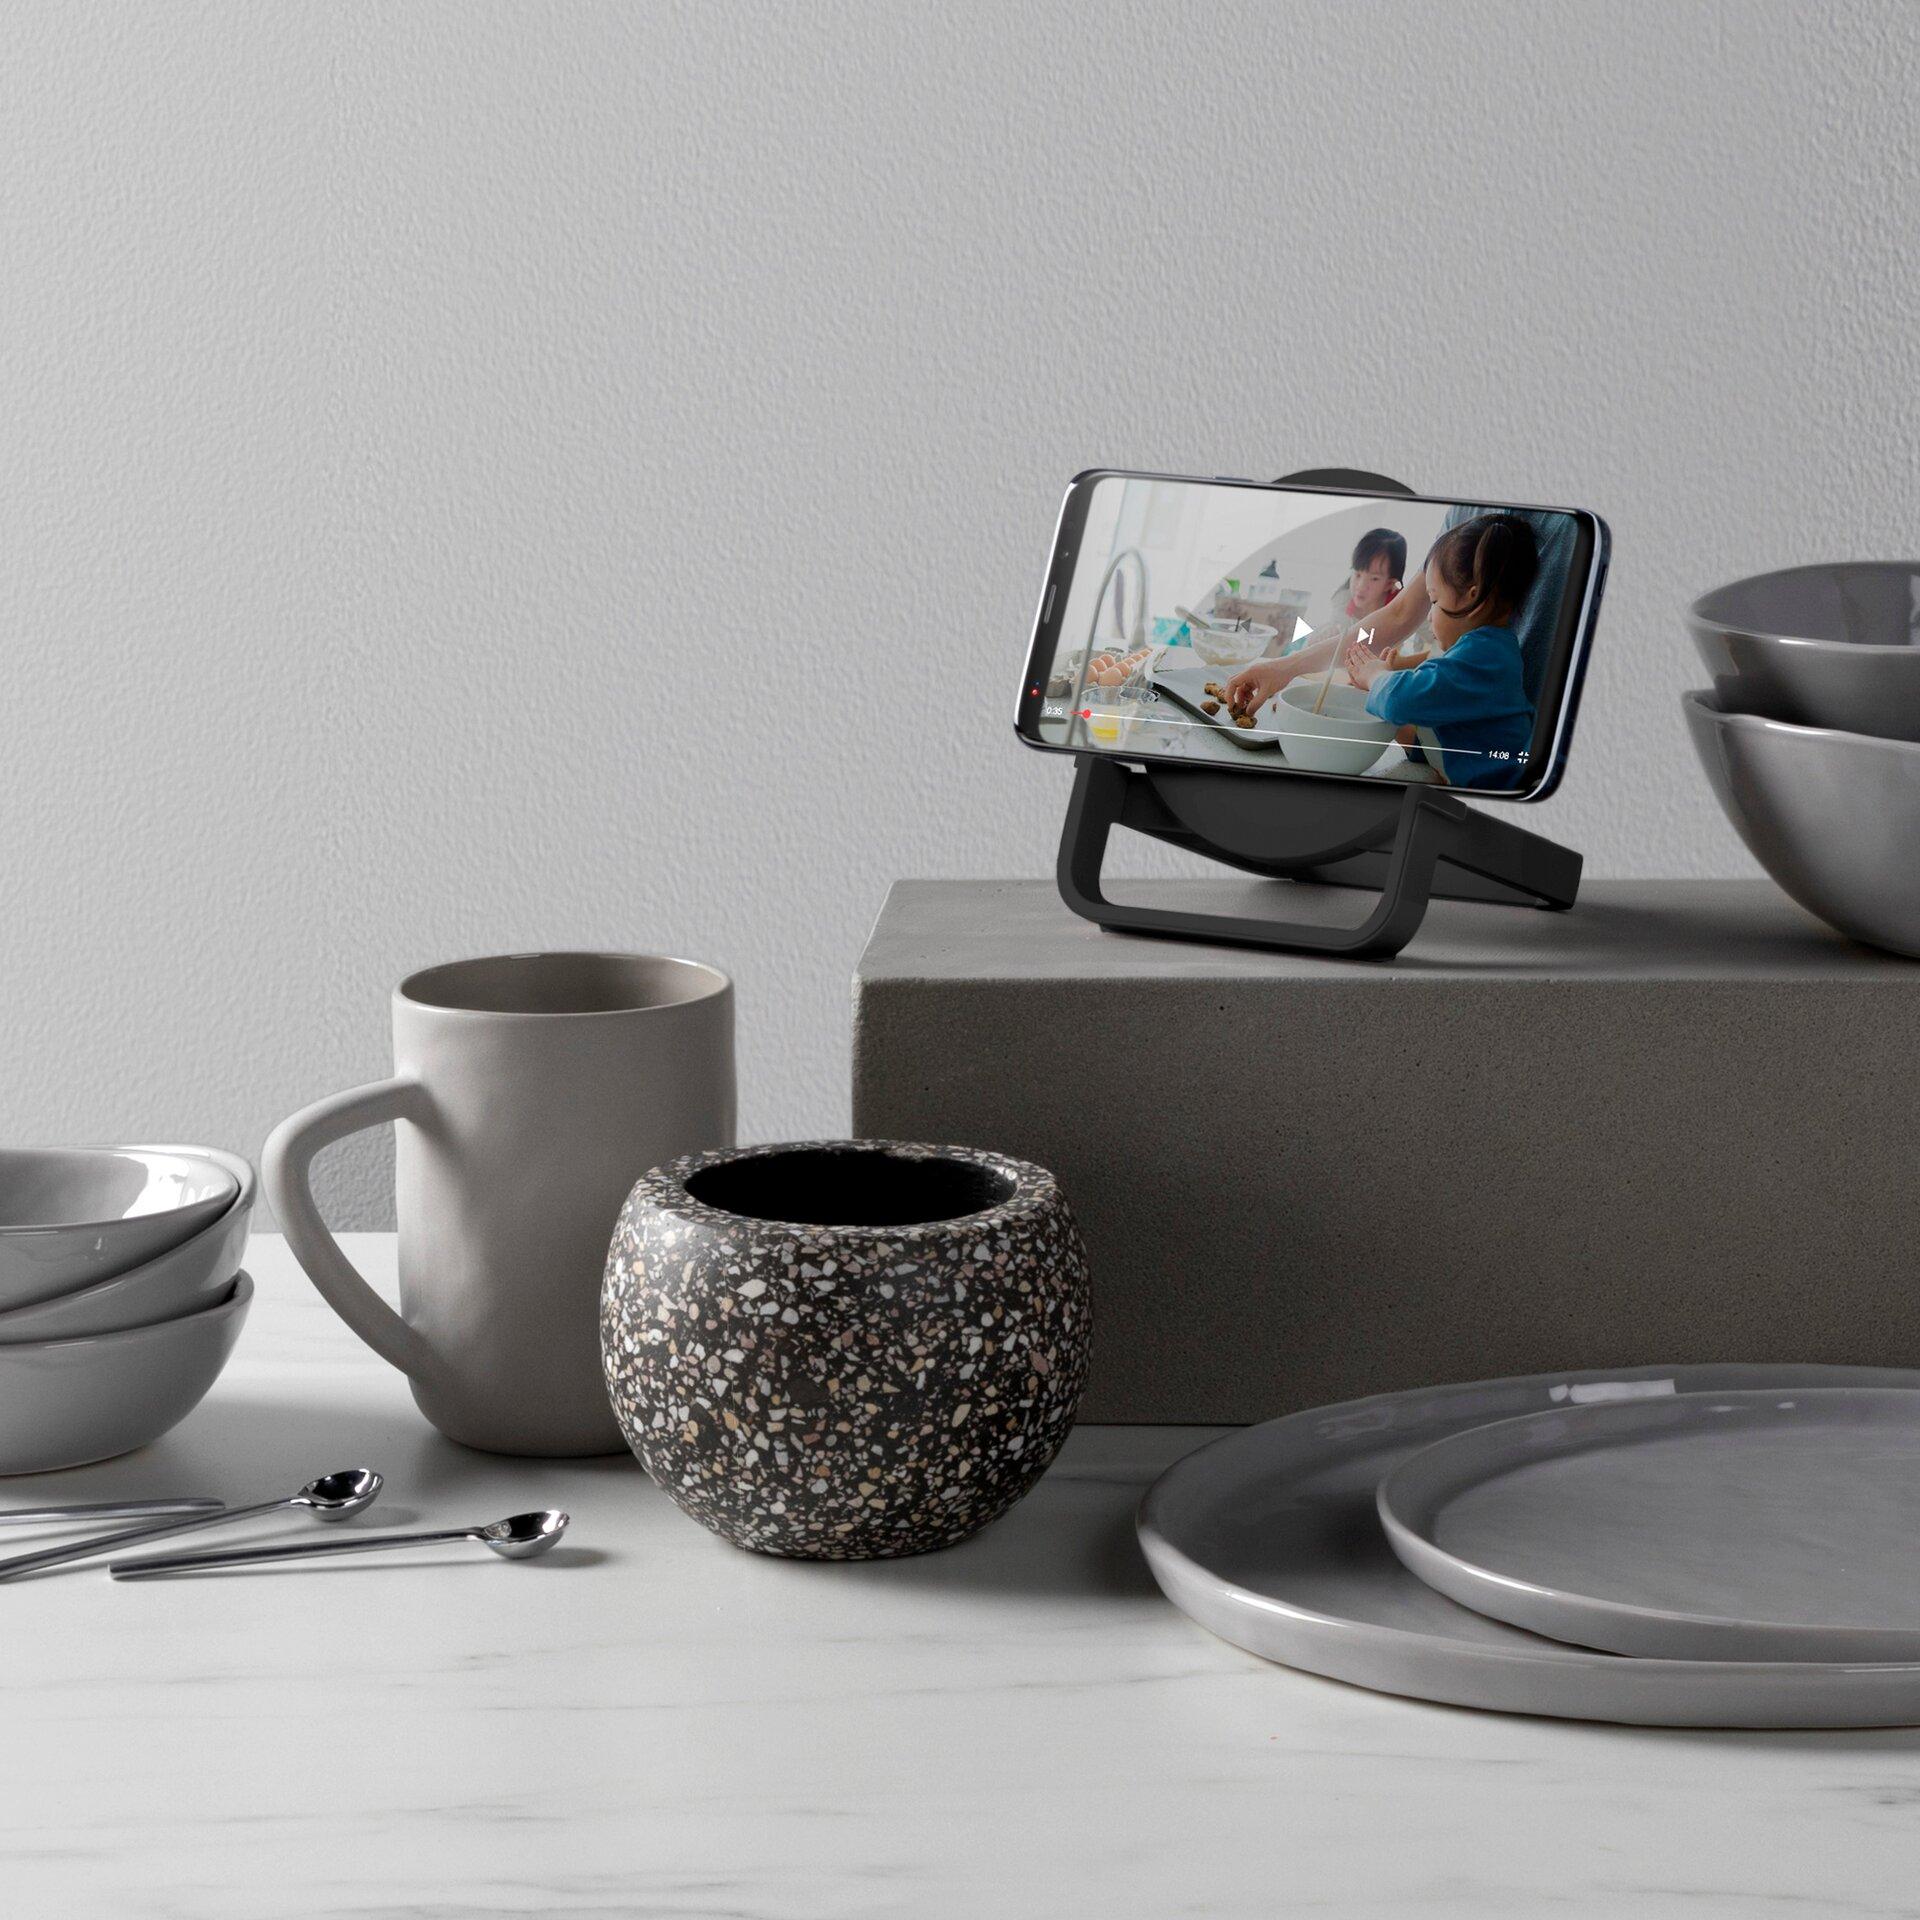 Indexbild 10 - Belkin BoostCharge Wireless Ladestation induktiv Lautsprecher Android iOS